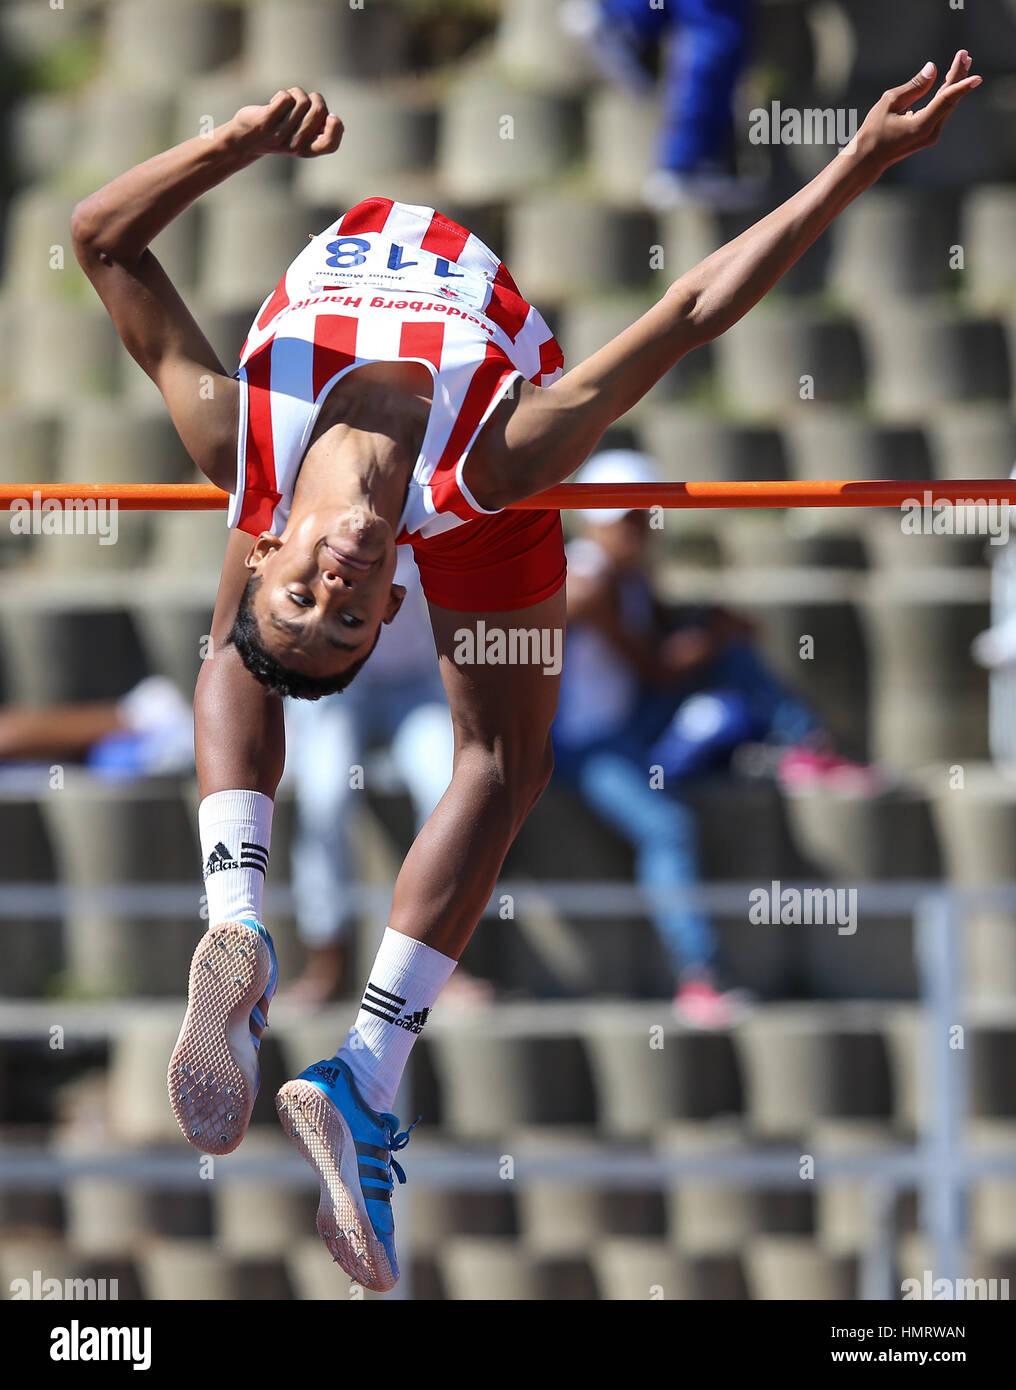 Locali di atletica leggera incontro a Parow, Cape Town, Sud Africa Foto Stock